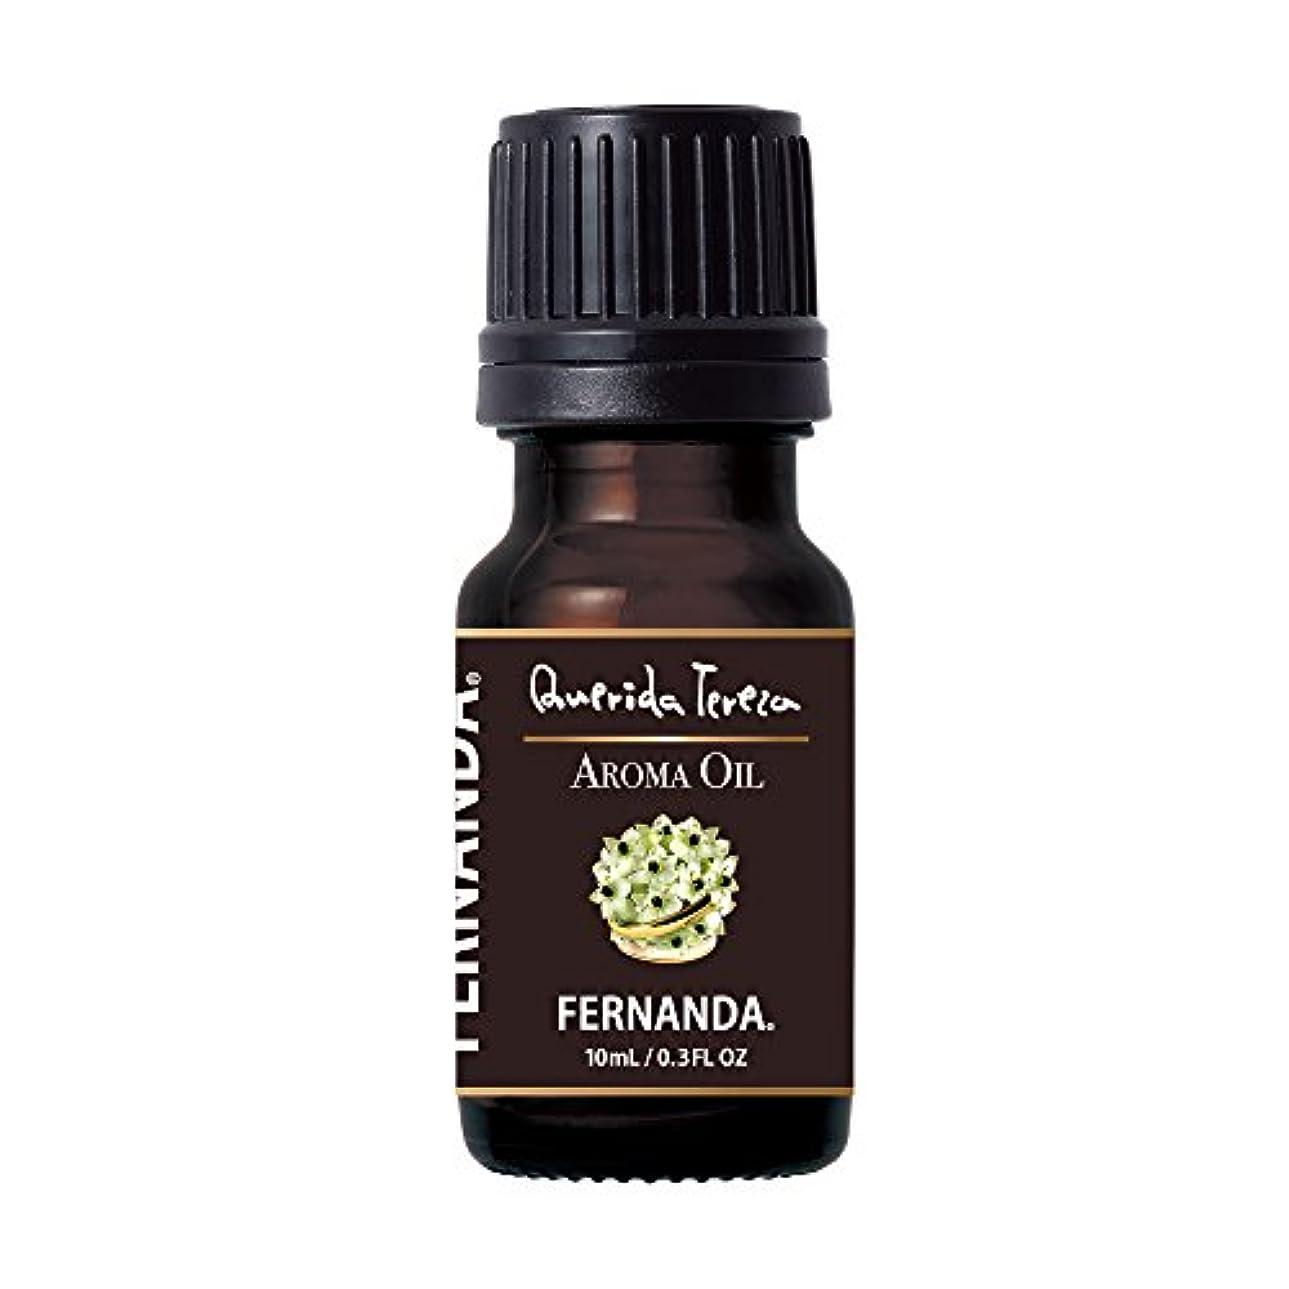 成分スタッフ未満FERNANDA(フェルナンダ) Fragrance Aroma Oil Querida Tereza (アロマオイル ケリーダテレーザ)